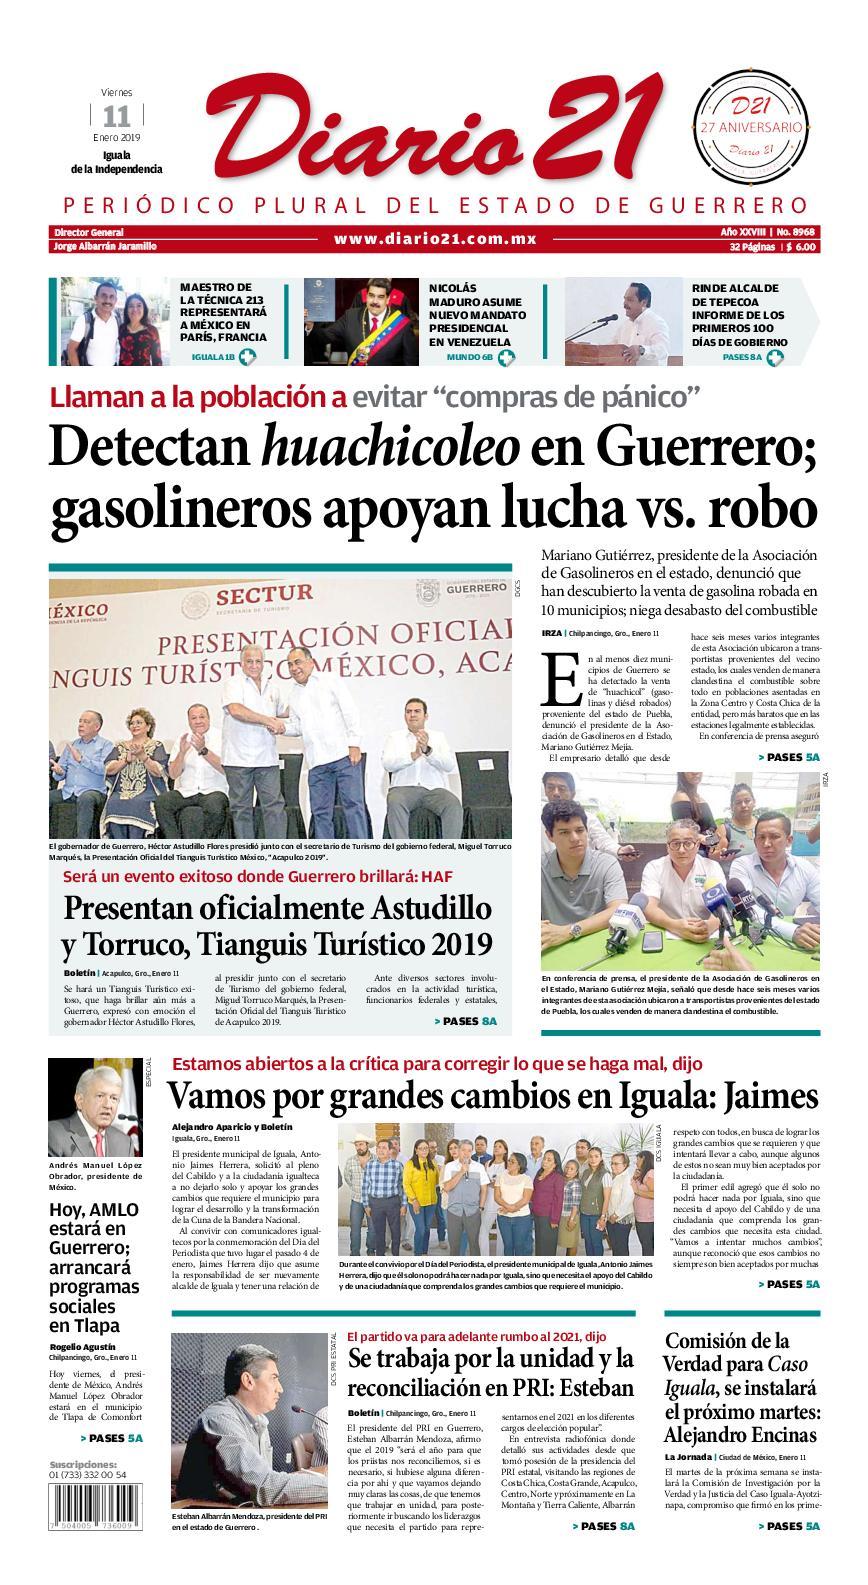 Calaméo - Diario 21 - 11 Enero 2019 256a4ea221d